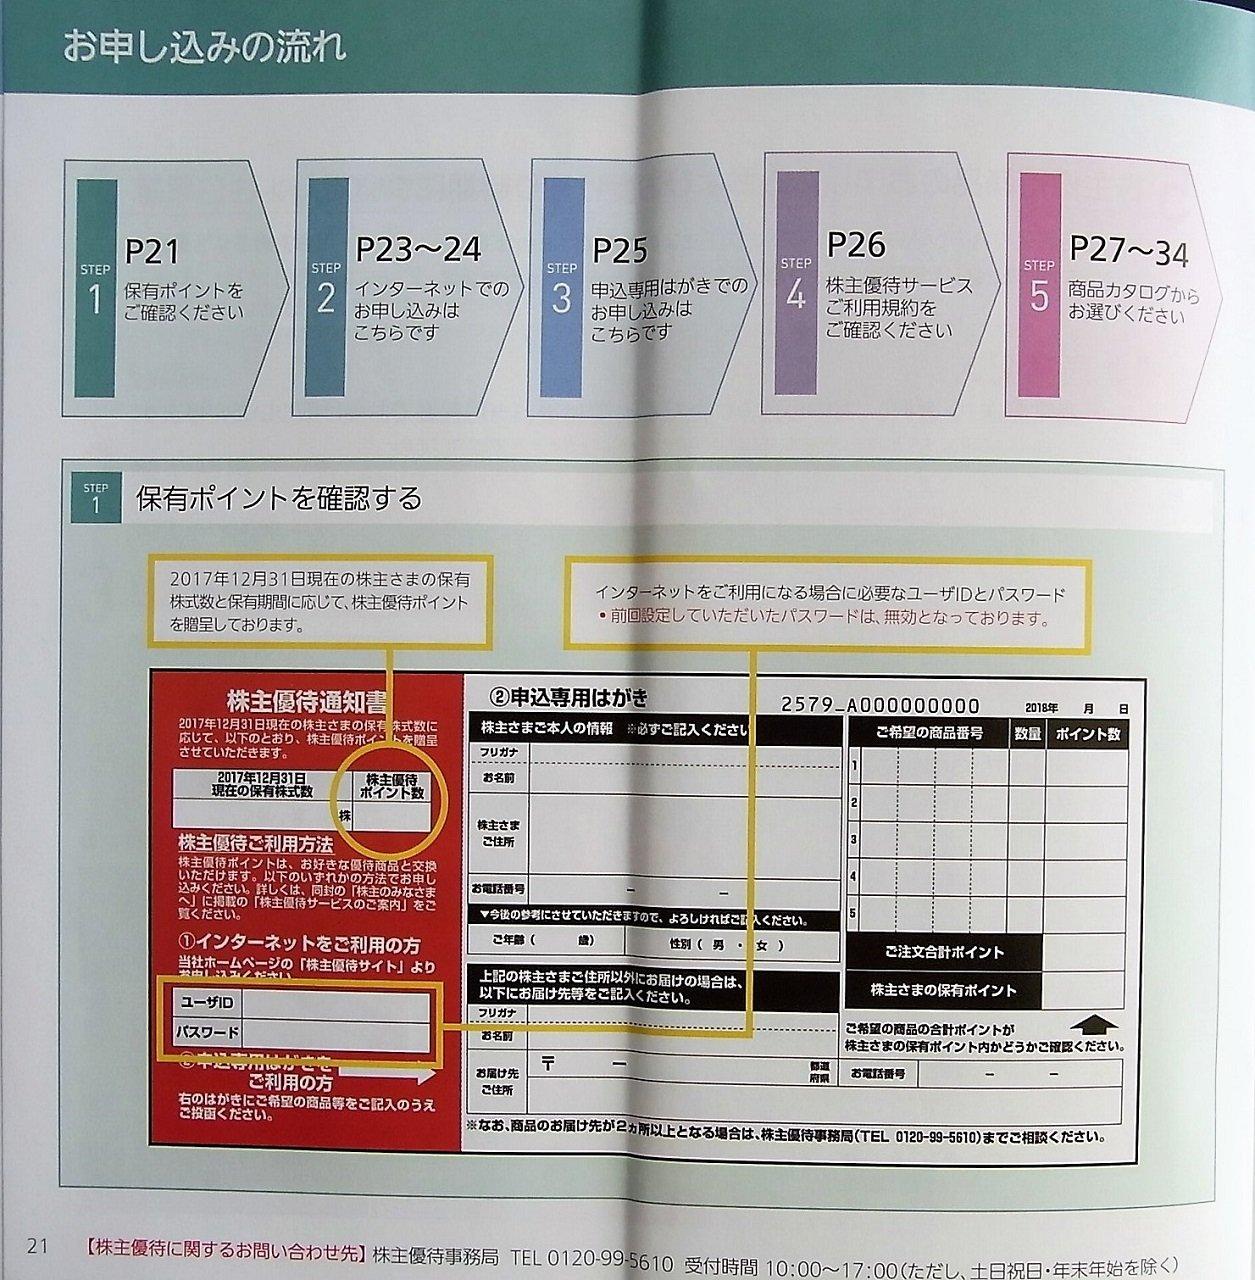 株主優待 コカ・コーラ ボトラーズジャパンホールディングス